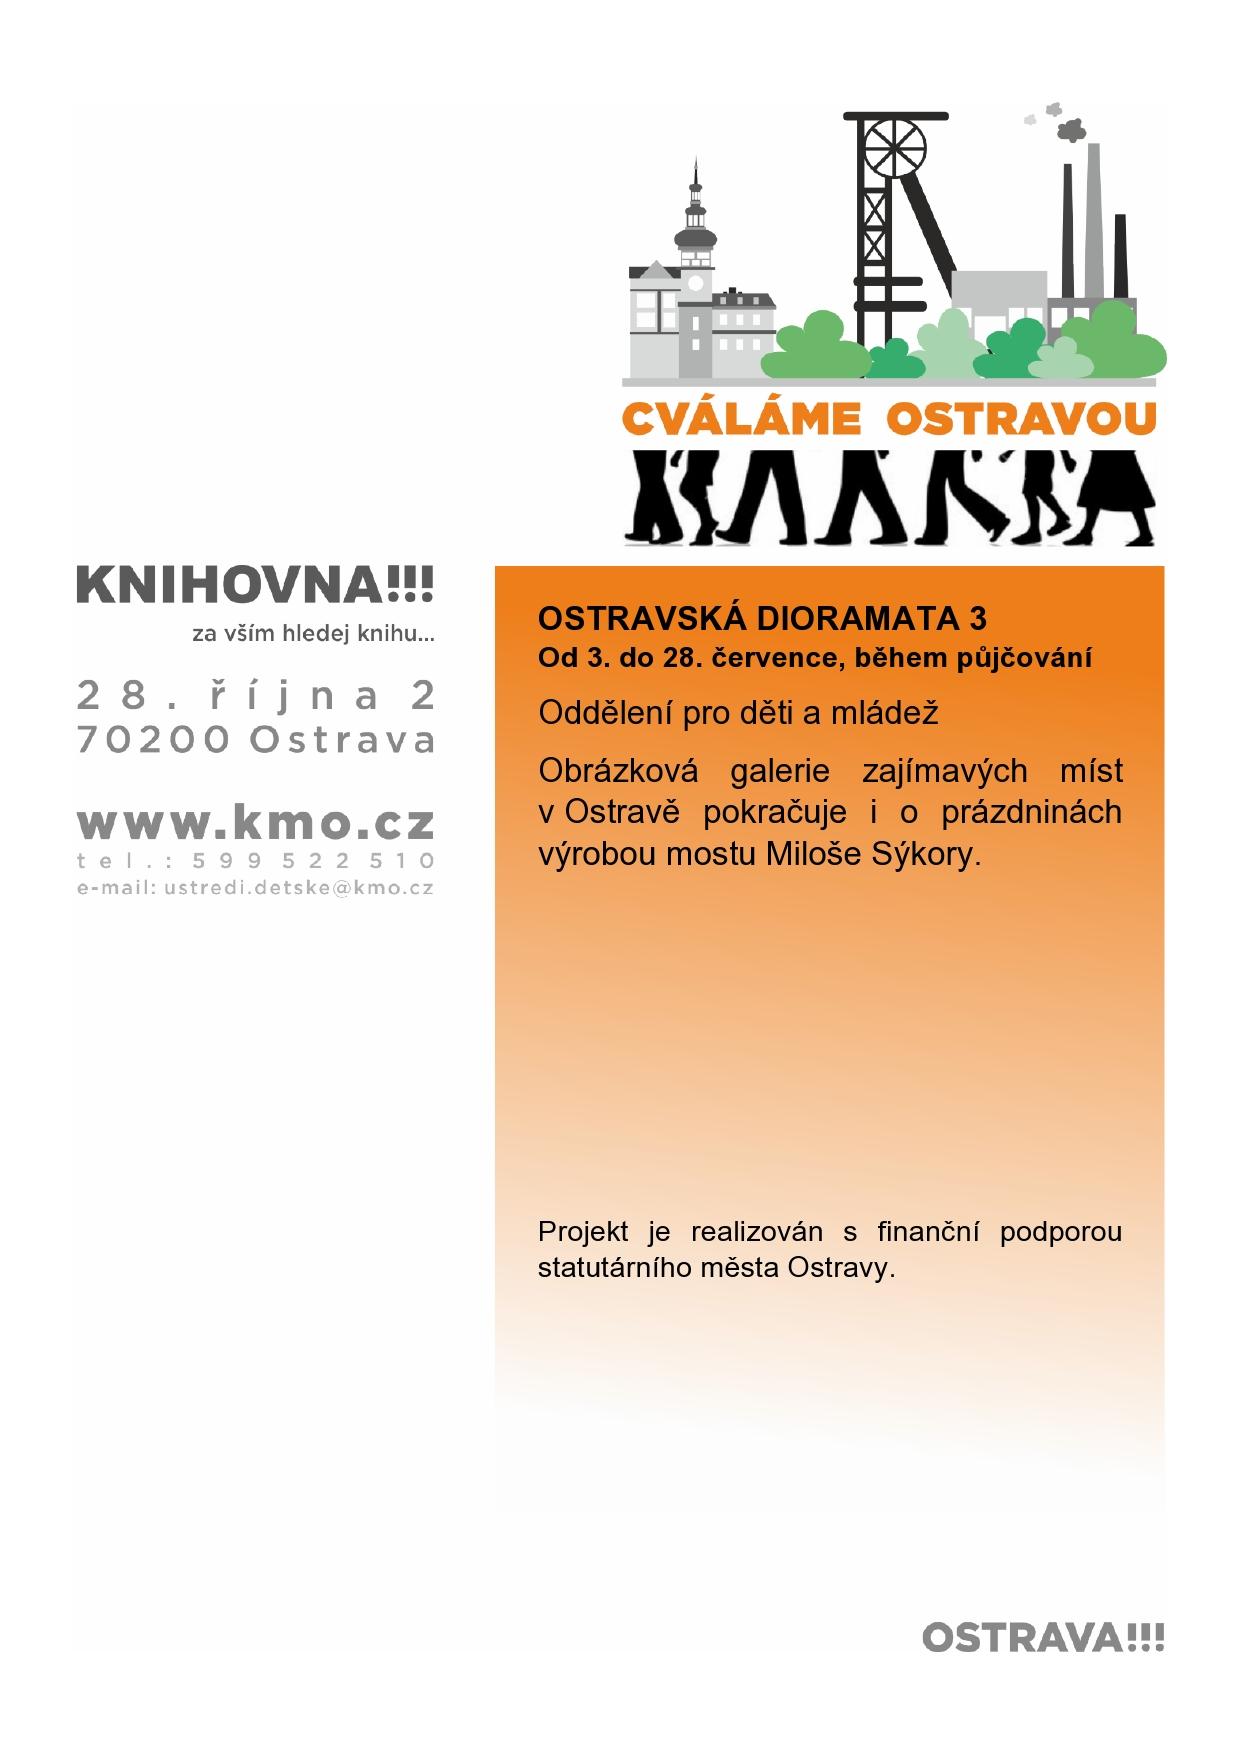 OSTRAVSKÁ DIORAMATA 3 Obrázková galerie zajímavých míst v Ostravě pokračuje i o prázdninách výrobou mostu Miloše Sýkory Projekt je realizován s finanční podporou statutárního města Ostravy.